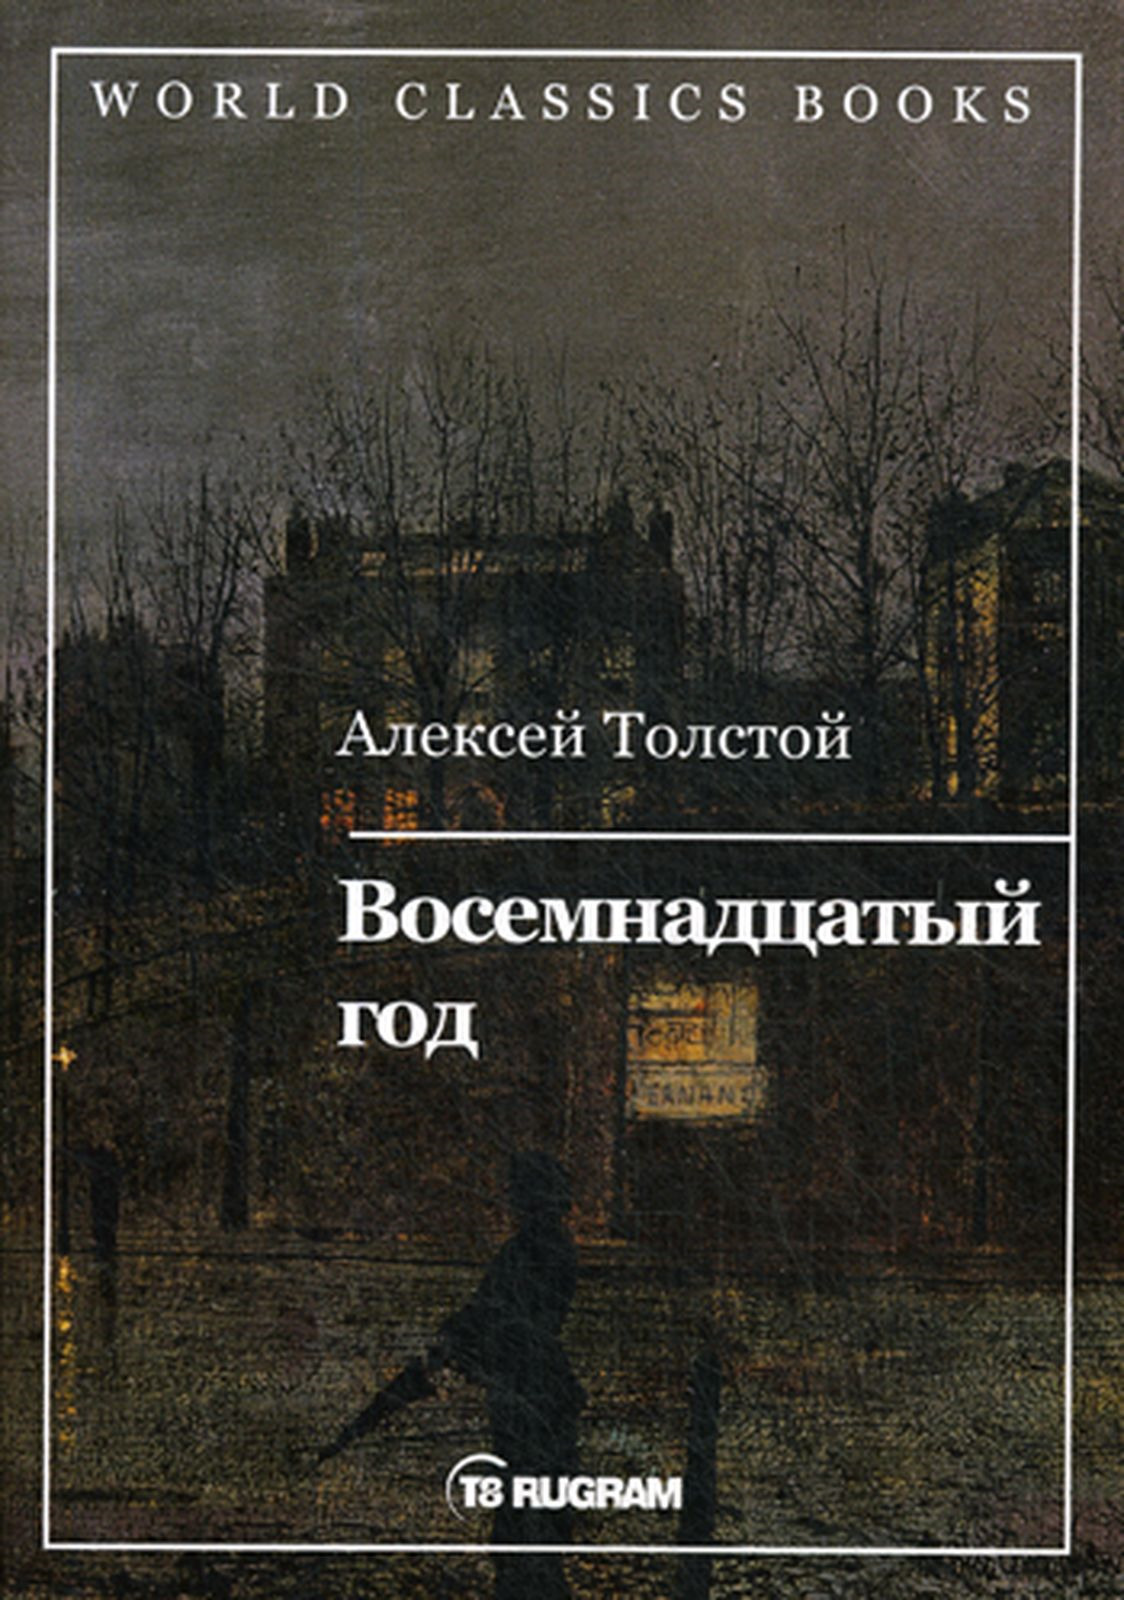 Алексей Толстой Восемнадцатый год. Книга 2